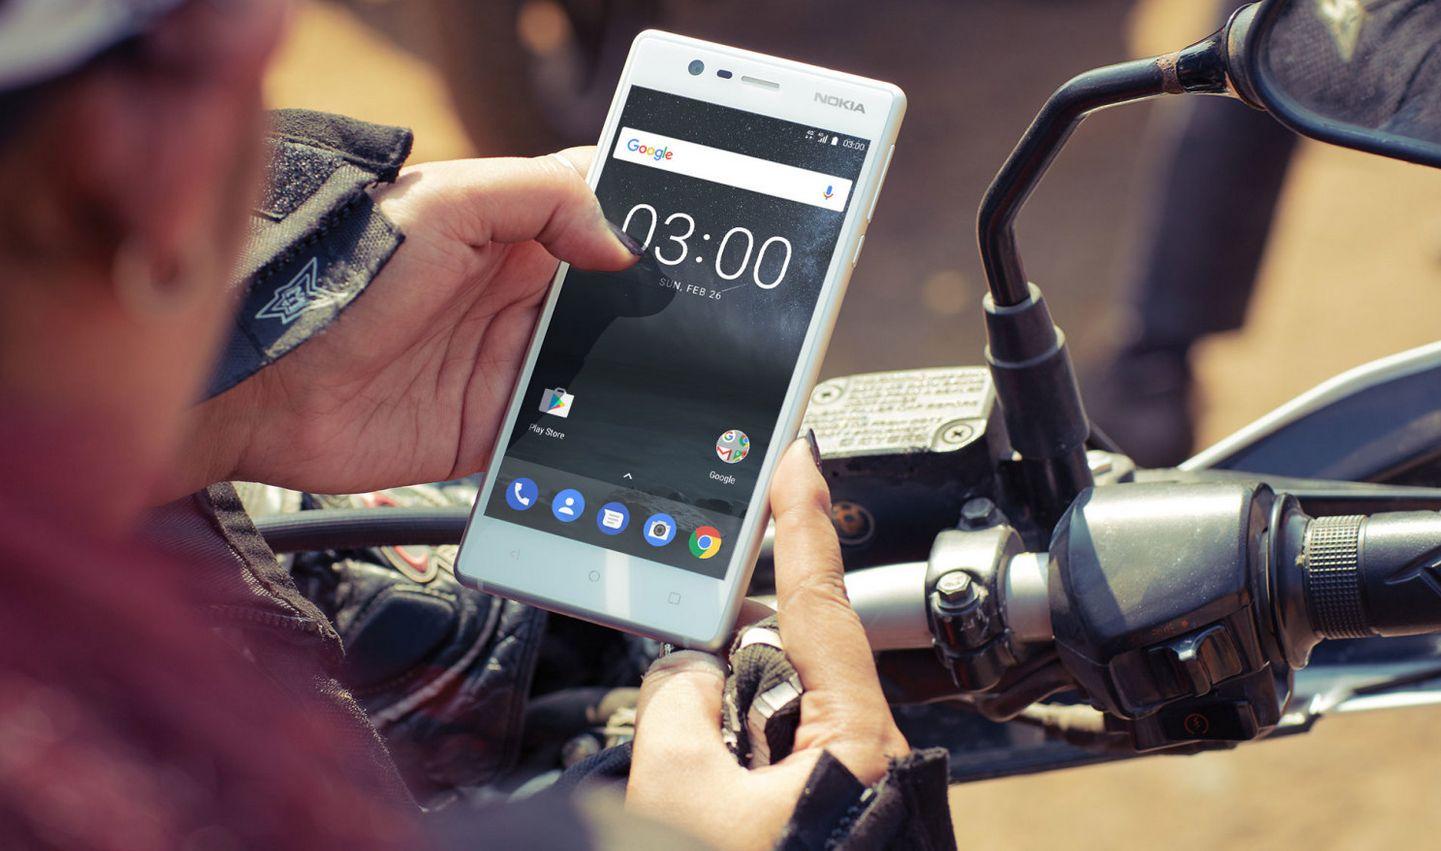 Nokia 3 je prostě stvořená pro život, tenhle smartphone má výkonný procesor a solidní výbavu za přijatelnou cenu-